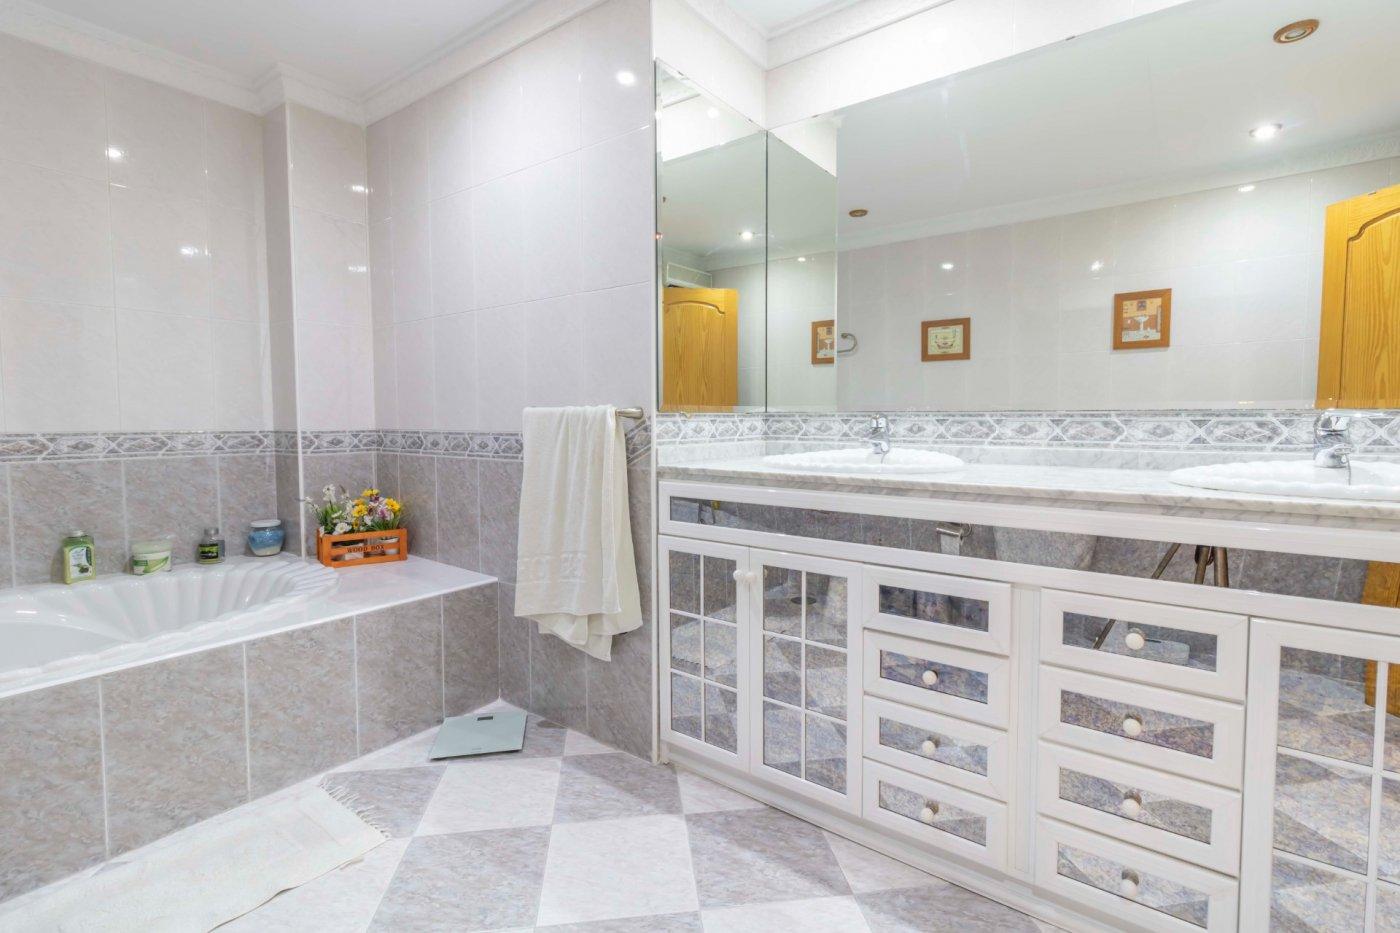 Casa a la venta en zona padre pÍo - imagenInmueble24